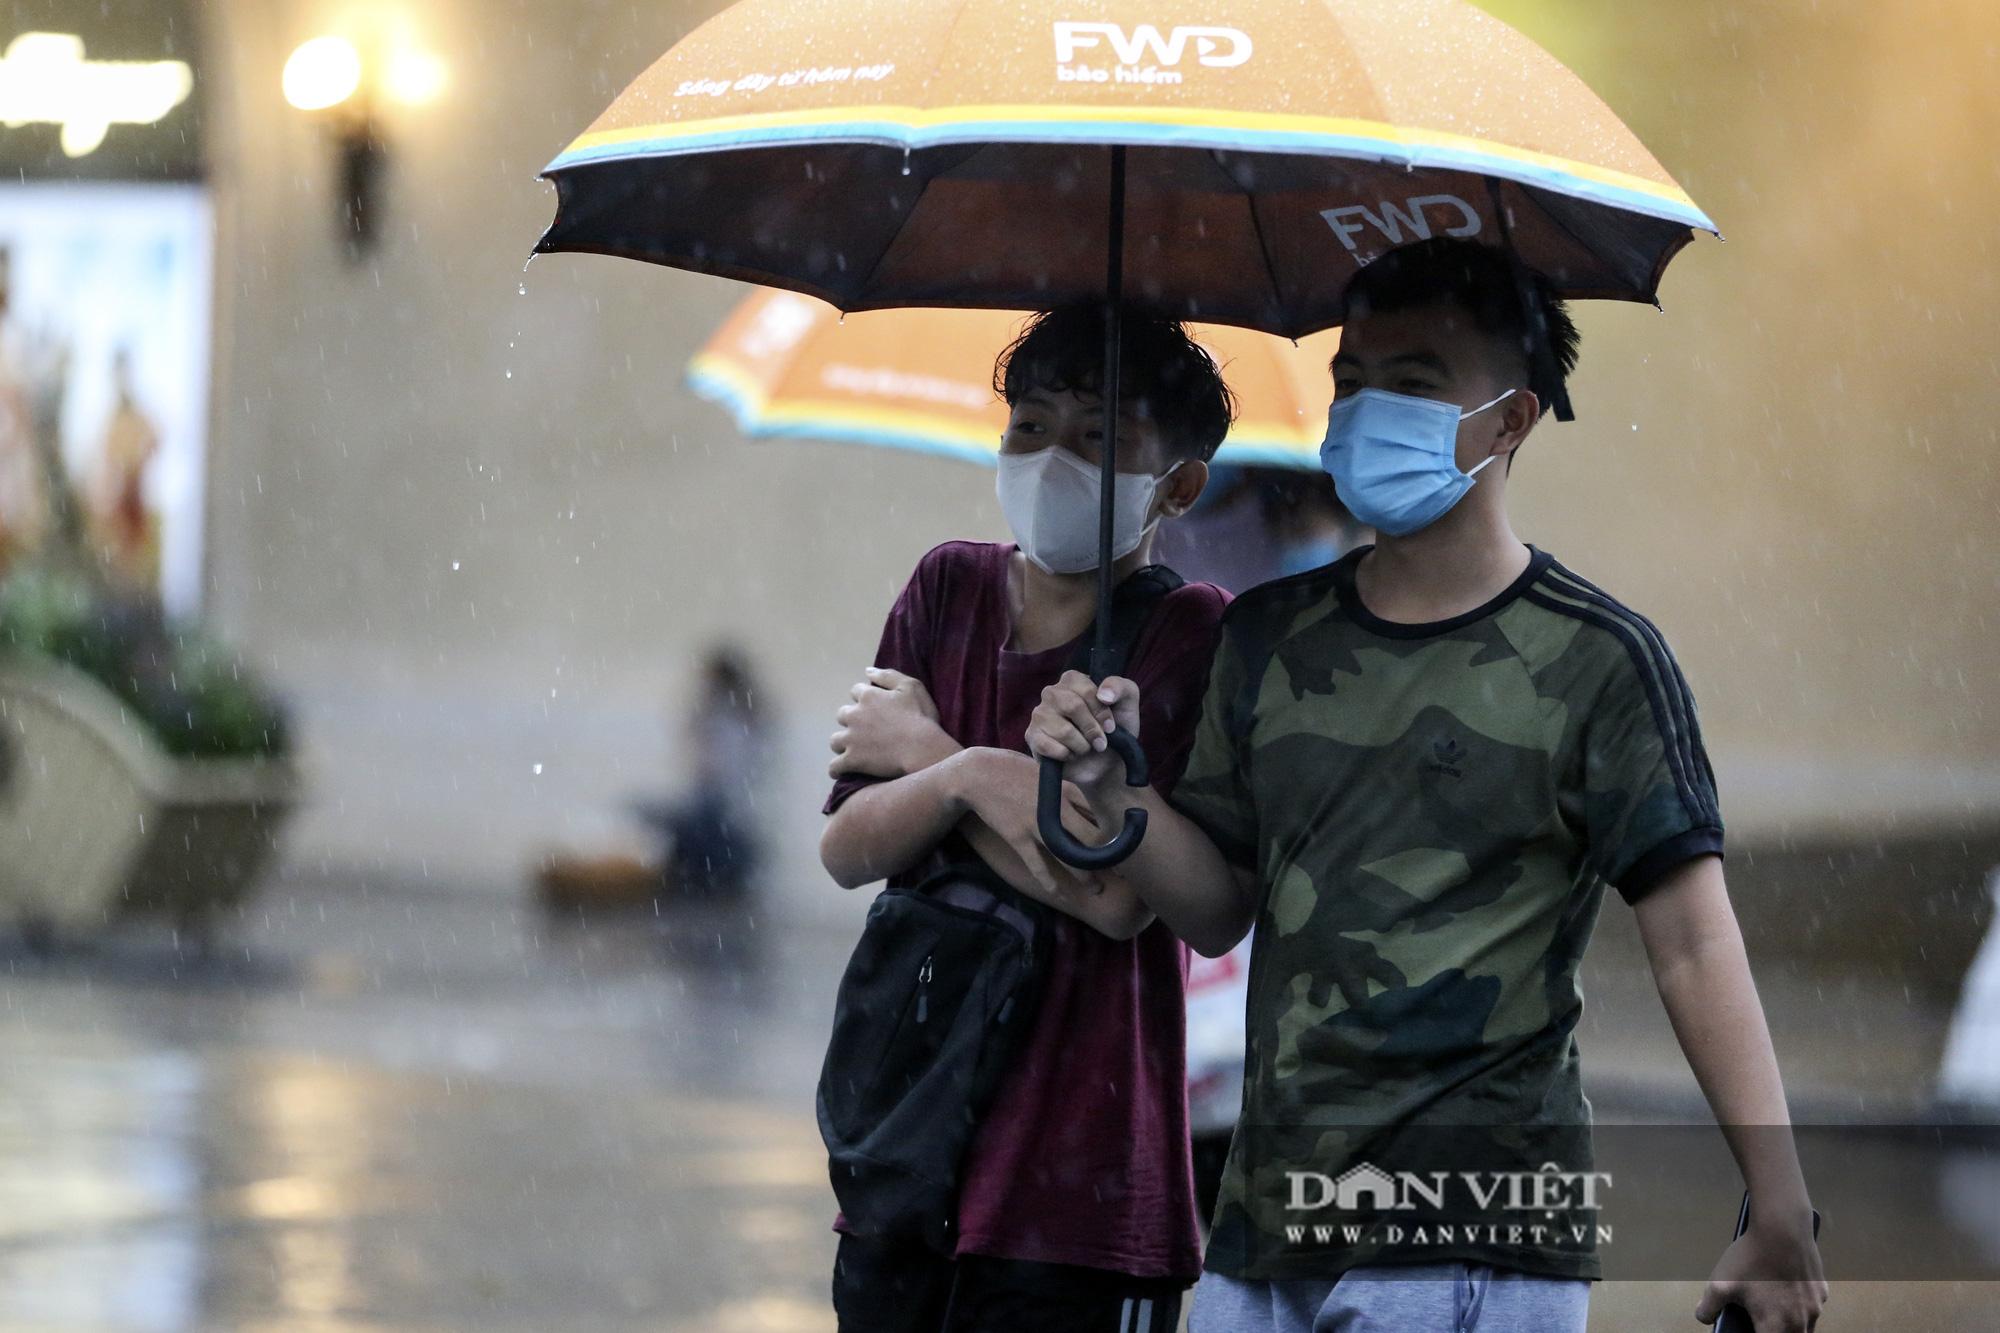 Sau bão số 2, Hà Nội mưa cả ngày khiến mực nước sông Tô Lịch bất ngờ dâng cao - Ảnh 8.